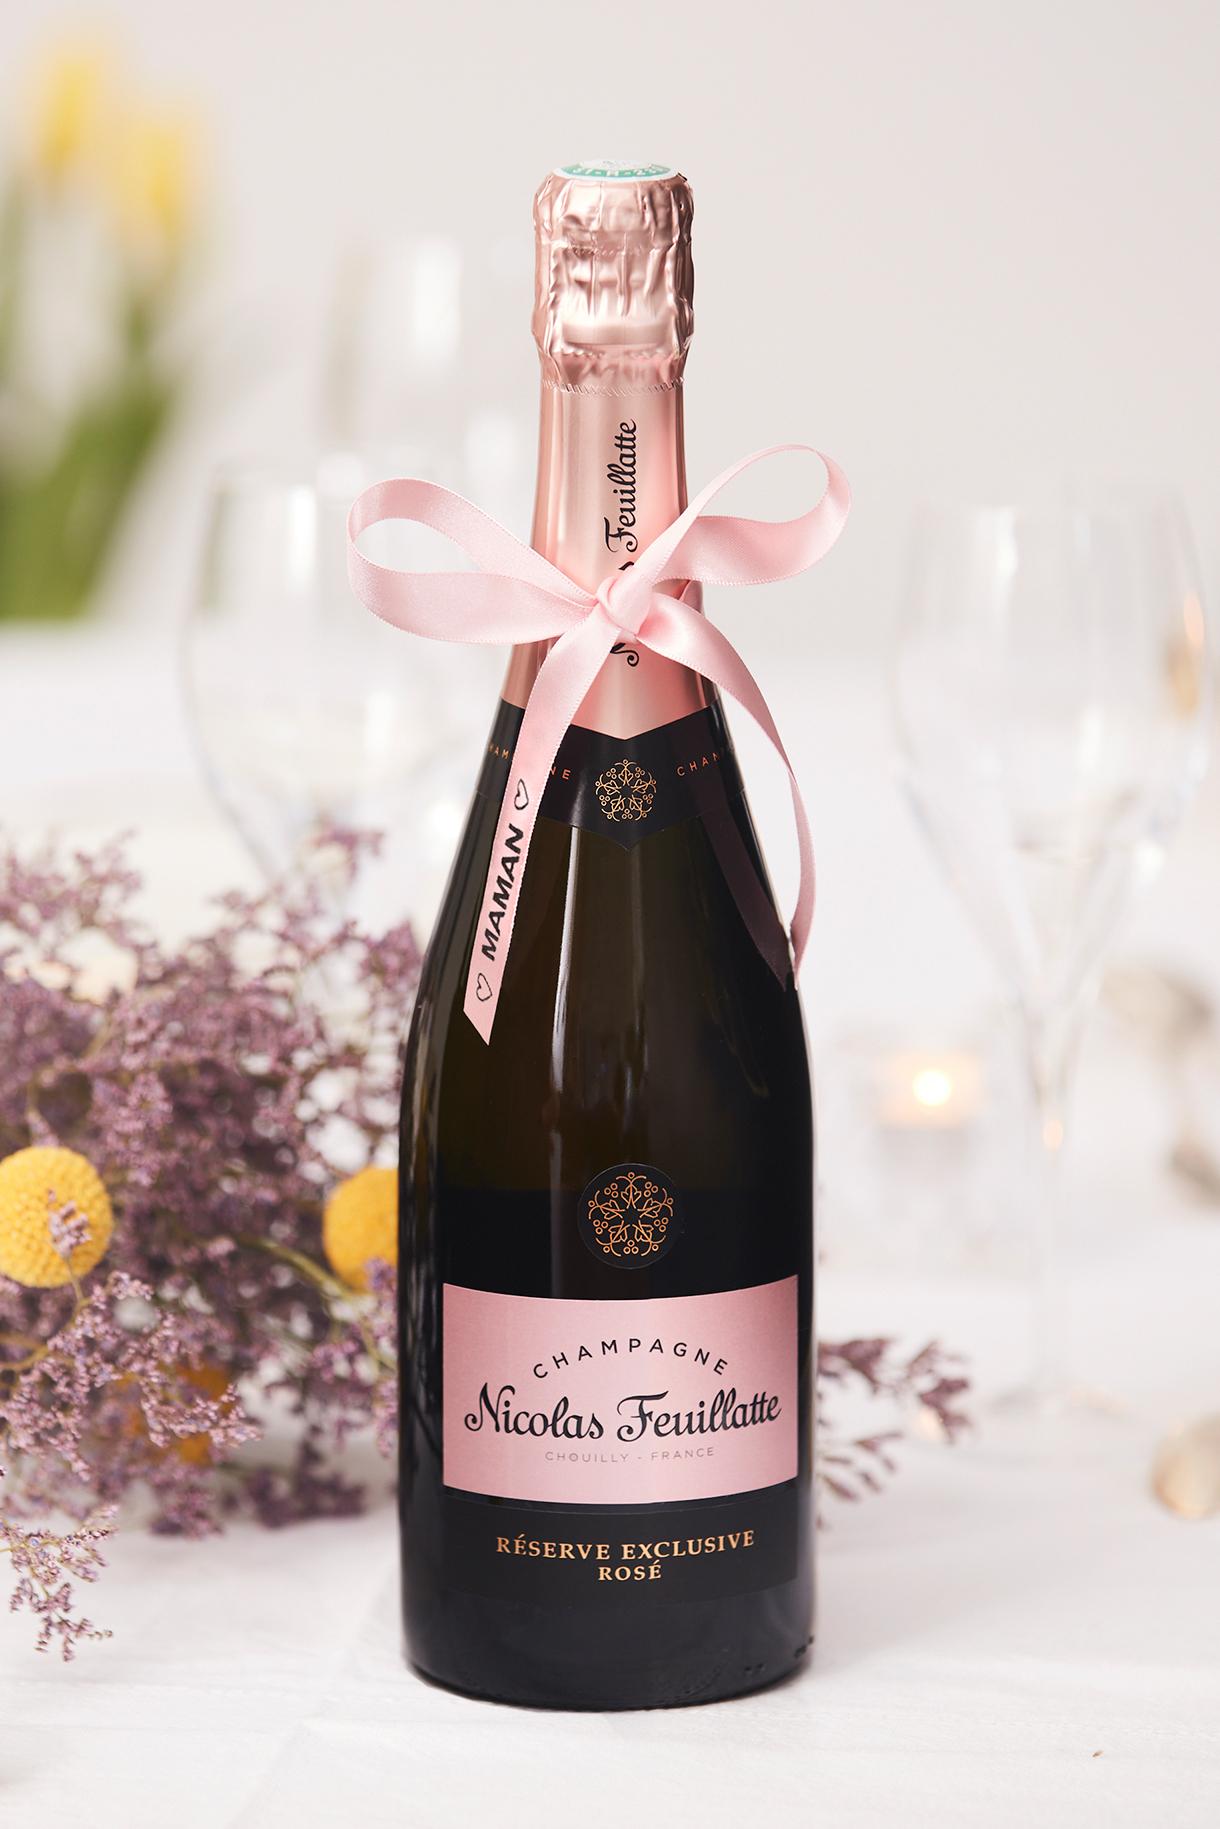 Champagne-nicolas-feuillatte-rosée-paris